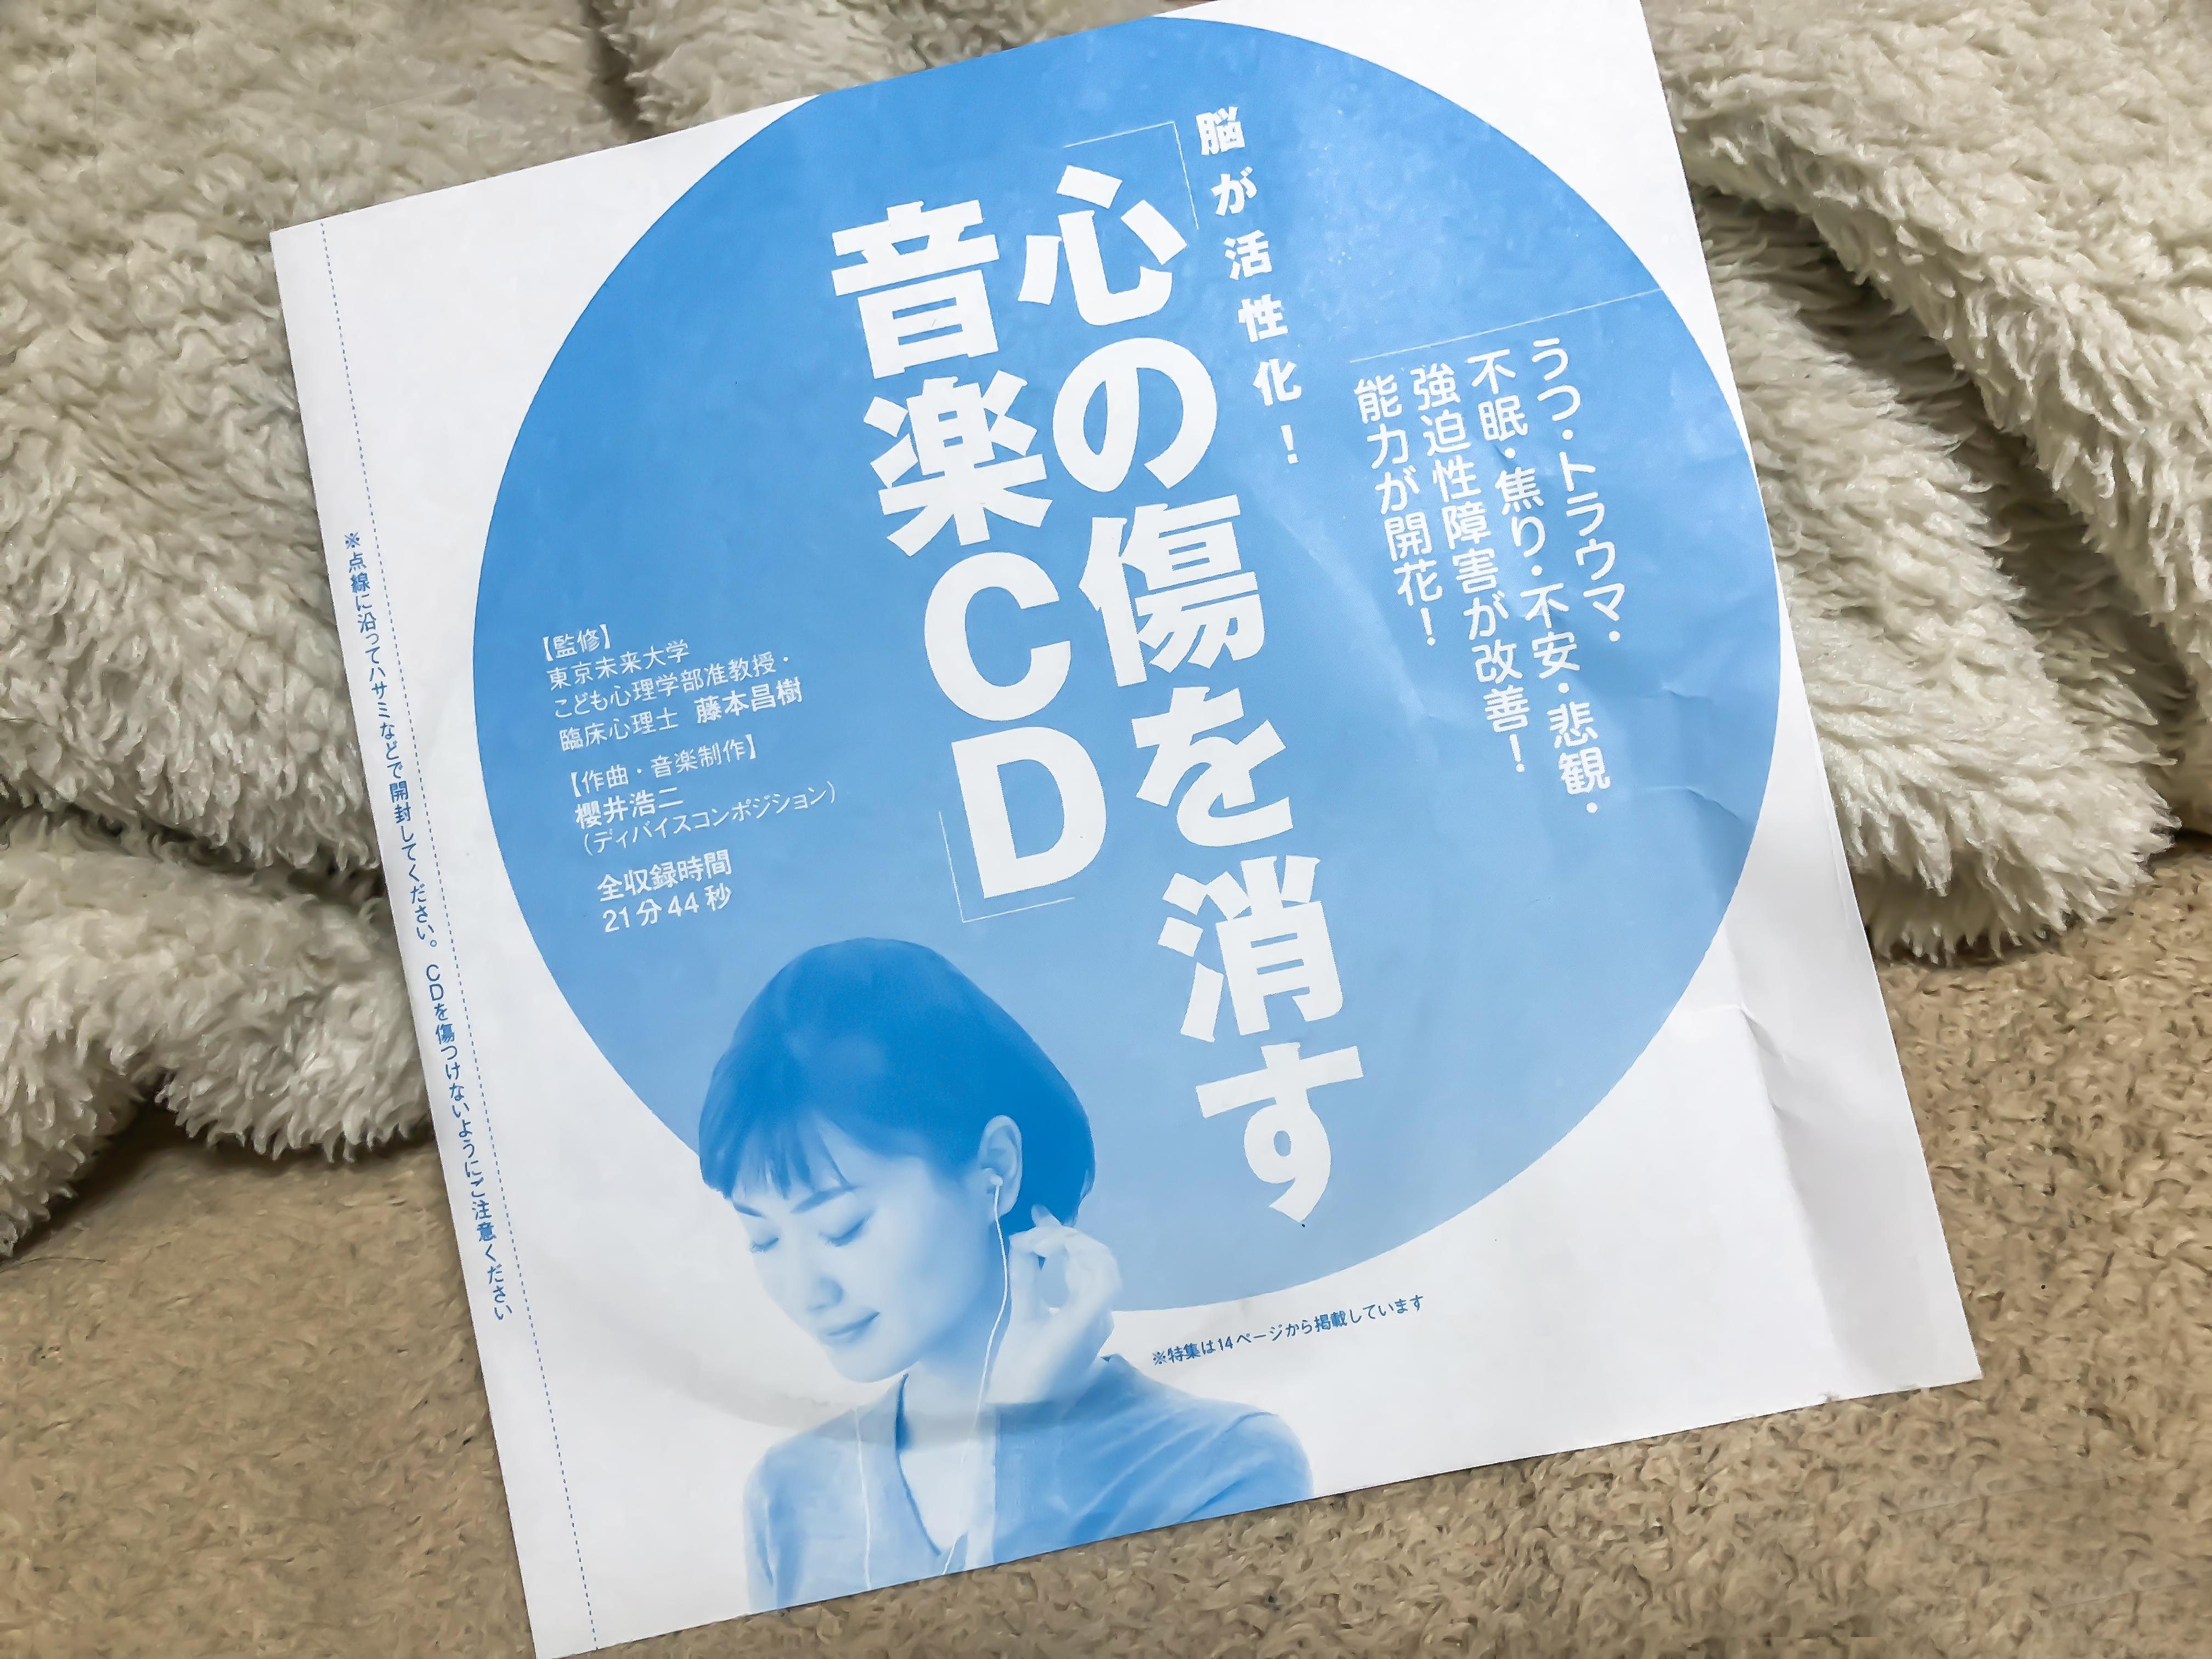 【試聴】ゆほびか2018年4月号付録心の傷を消す音楽CD